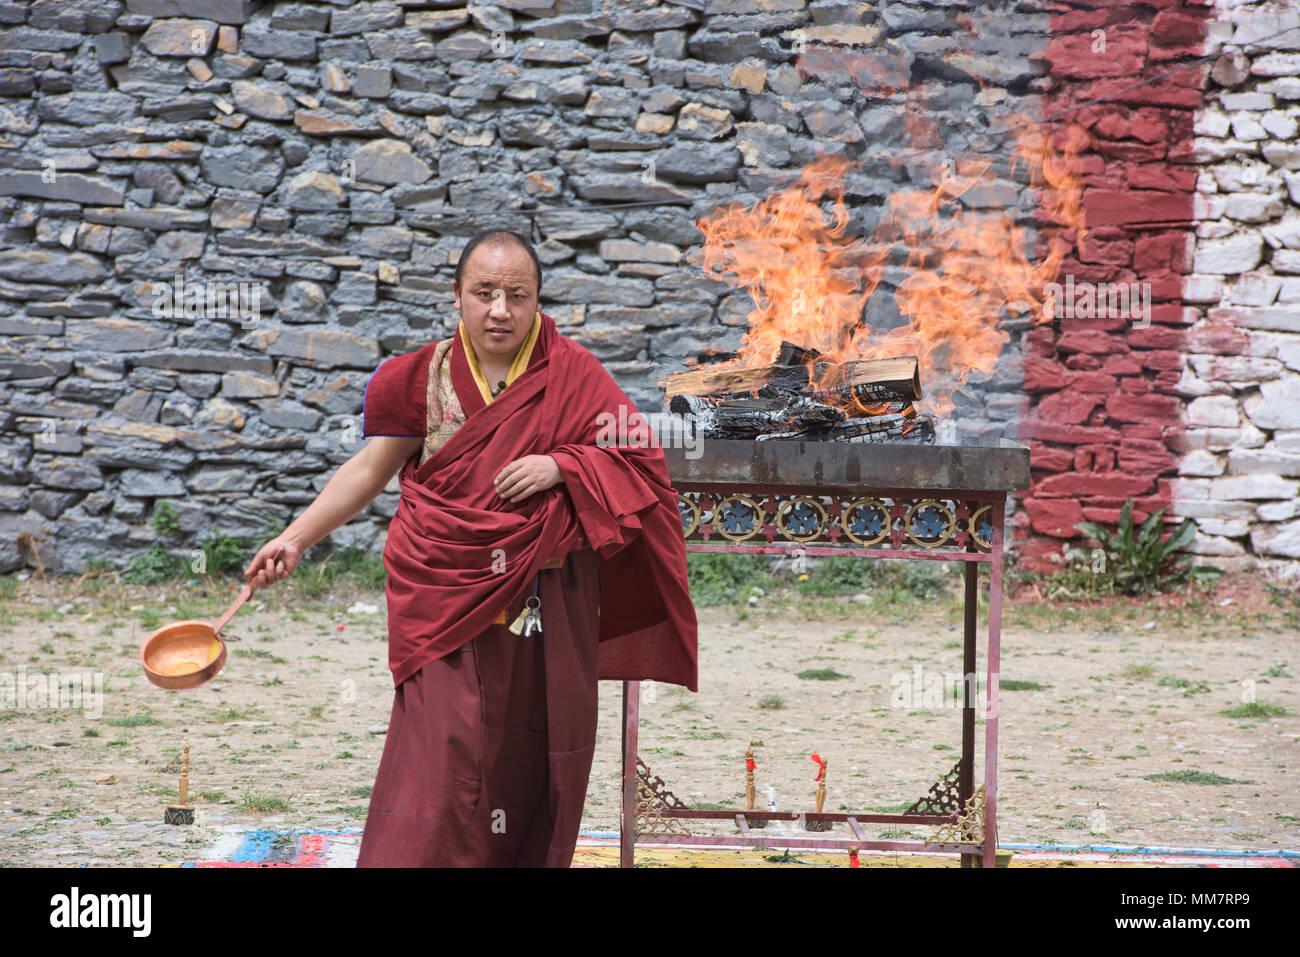 Tibetischen Mönch legt yak Butter auf dem Feuer am Jinganqumo Reinigung Festival in Dege, Sichuan, China Stockbild